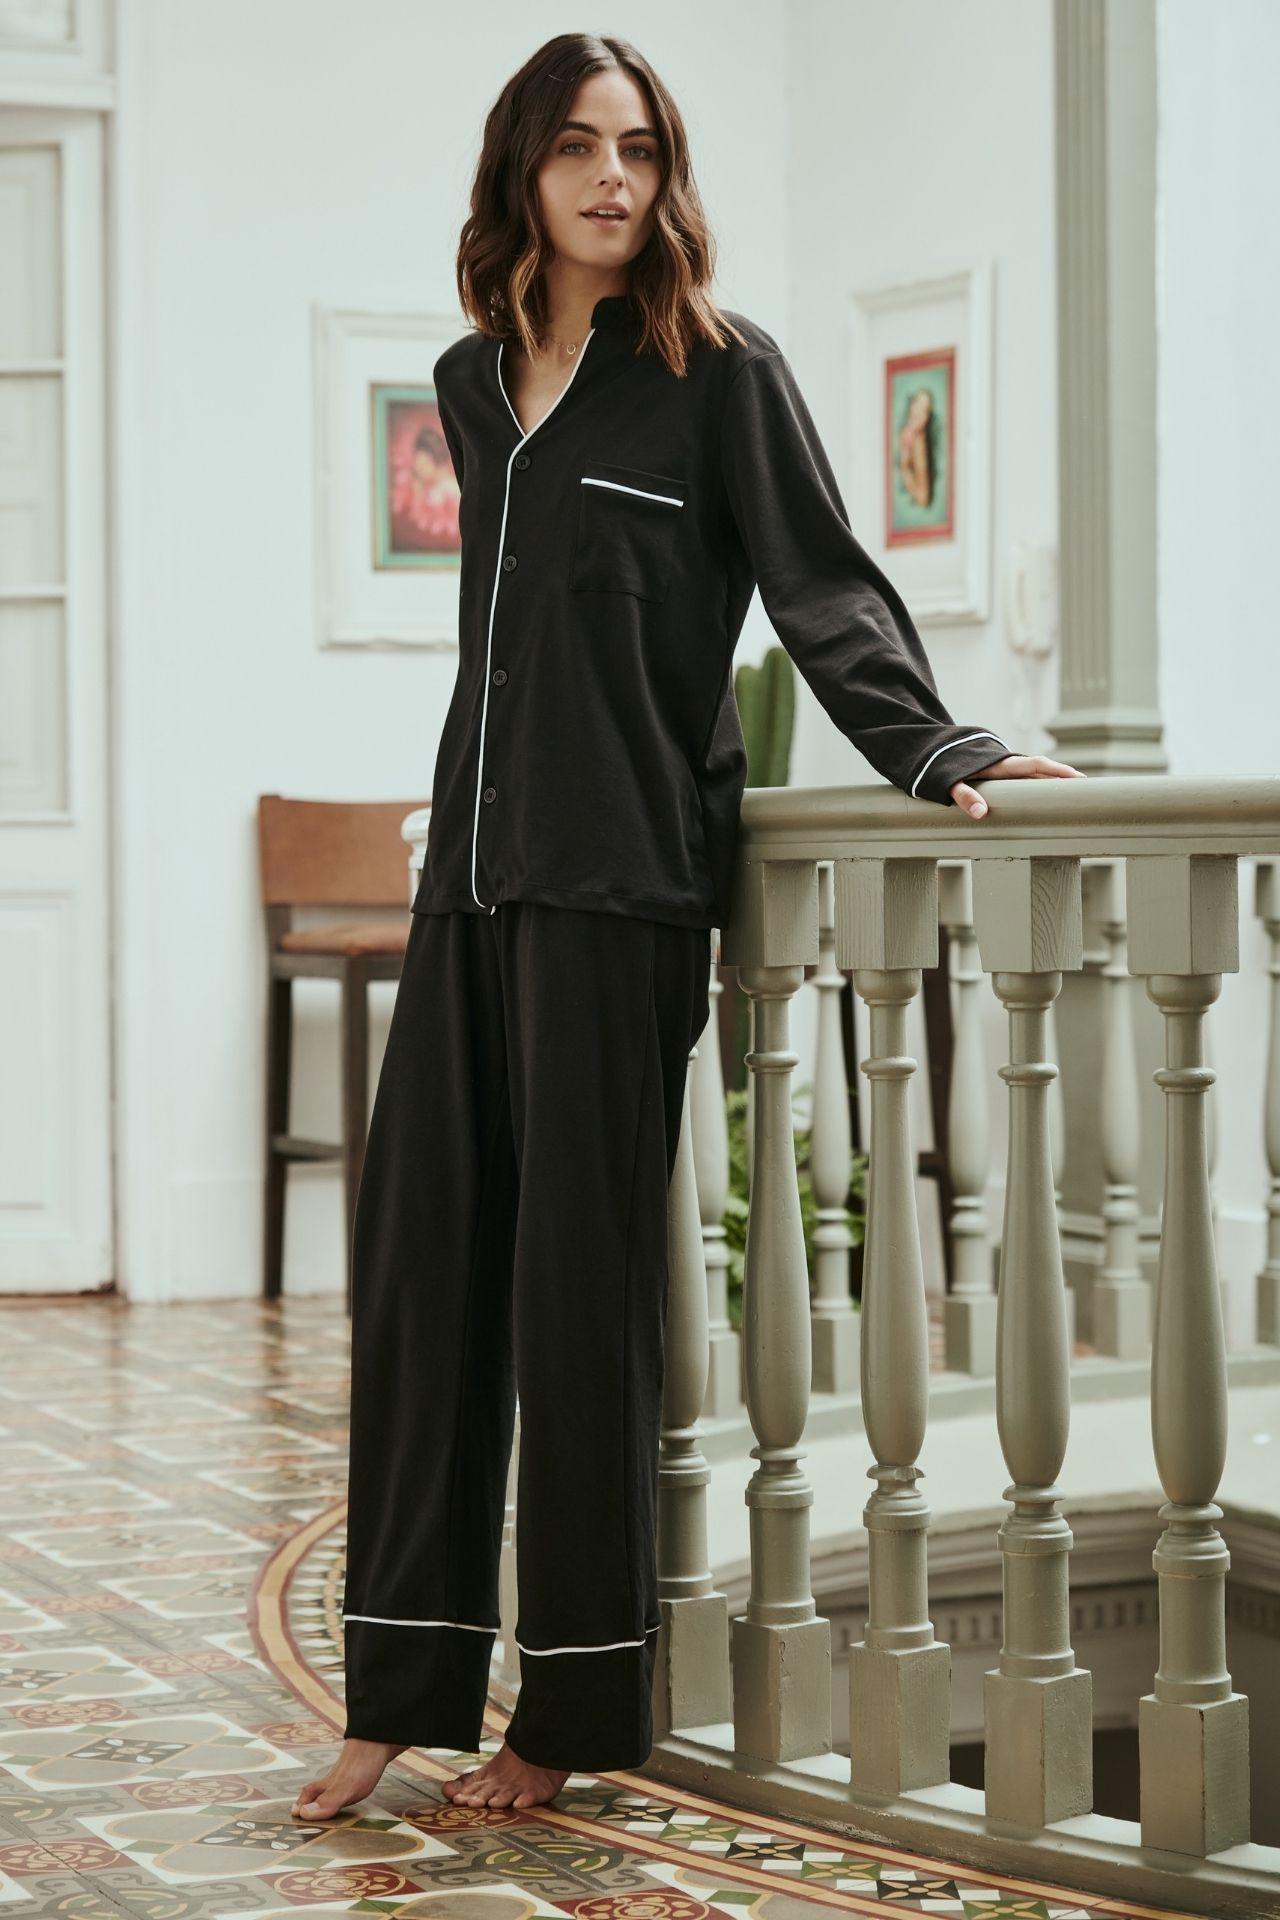 """El equivalente a """"the little black dress"""". Es el pijama clásico (not so classic) que todas debemos tener. Elaborada 100% de algodón tangüis peruano."""